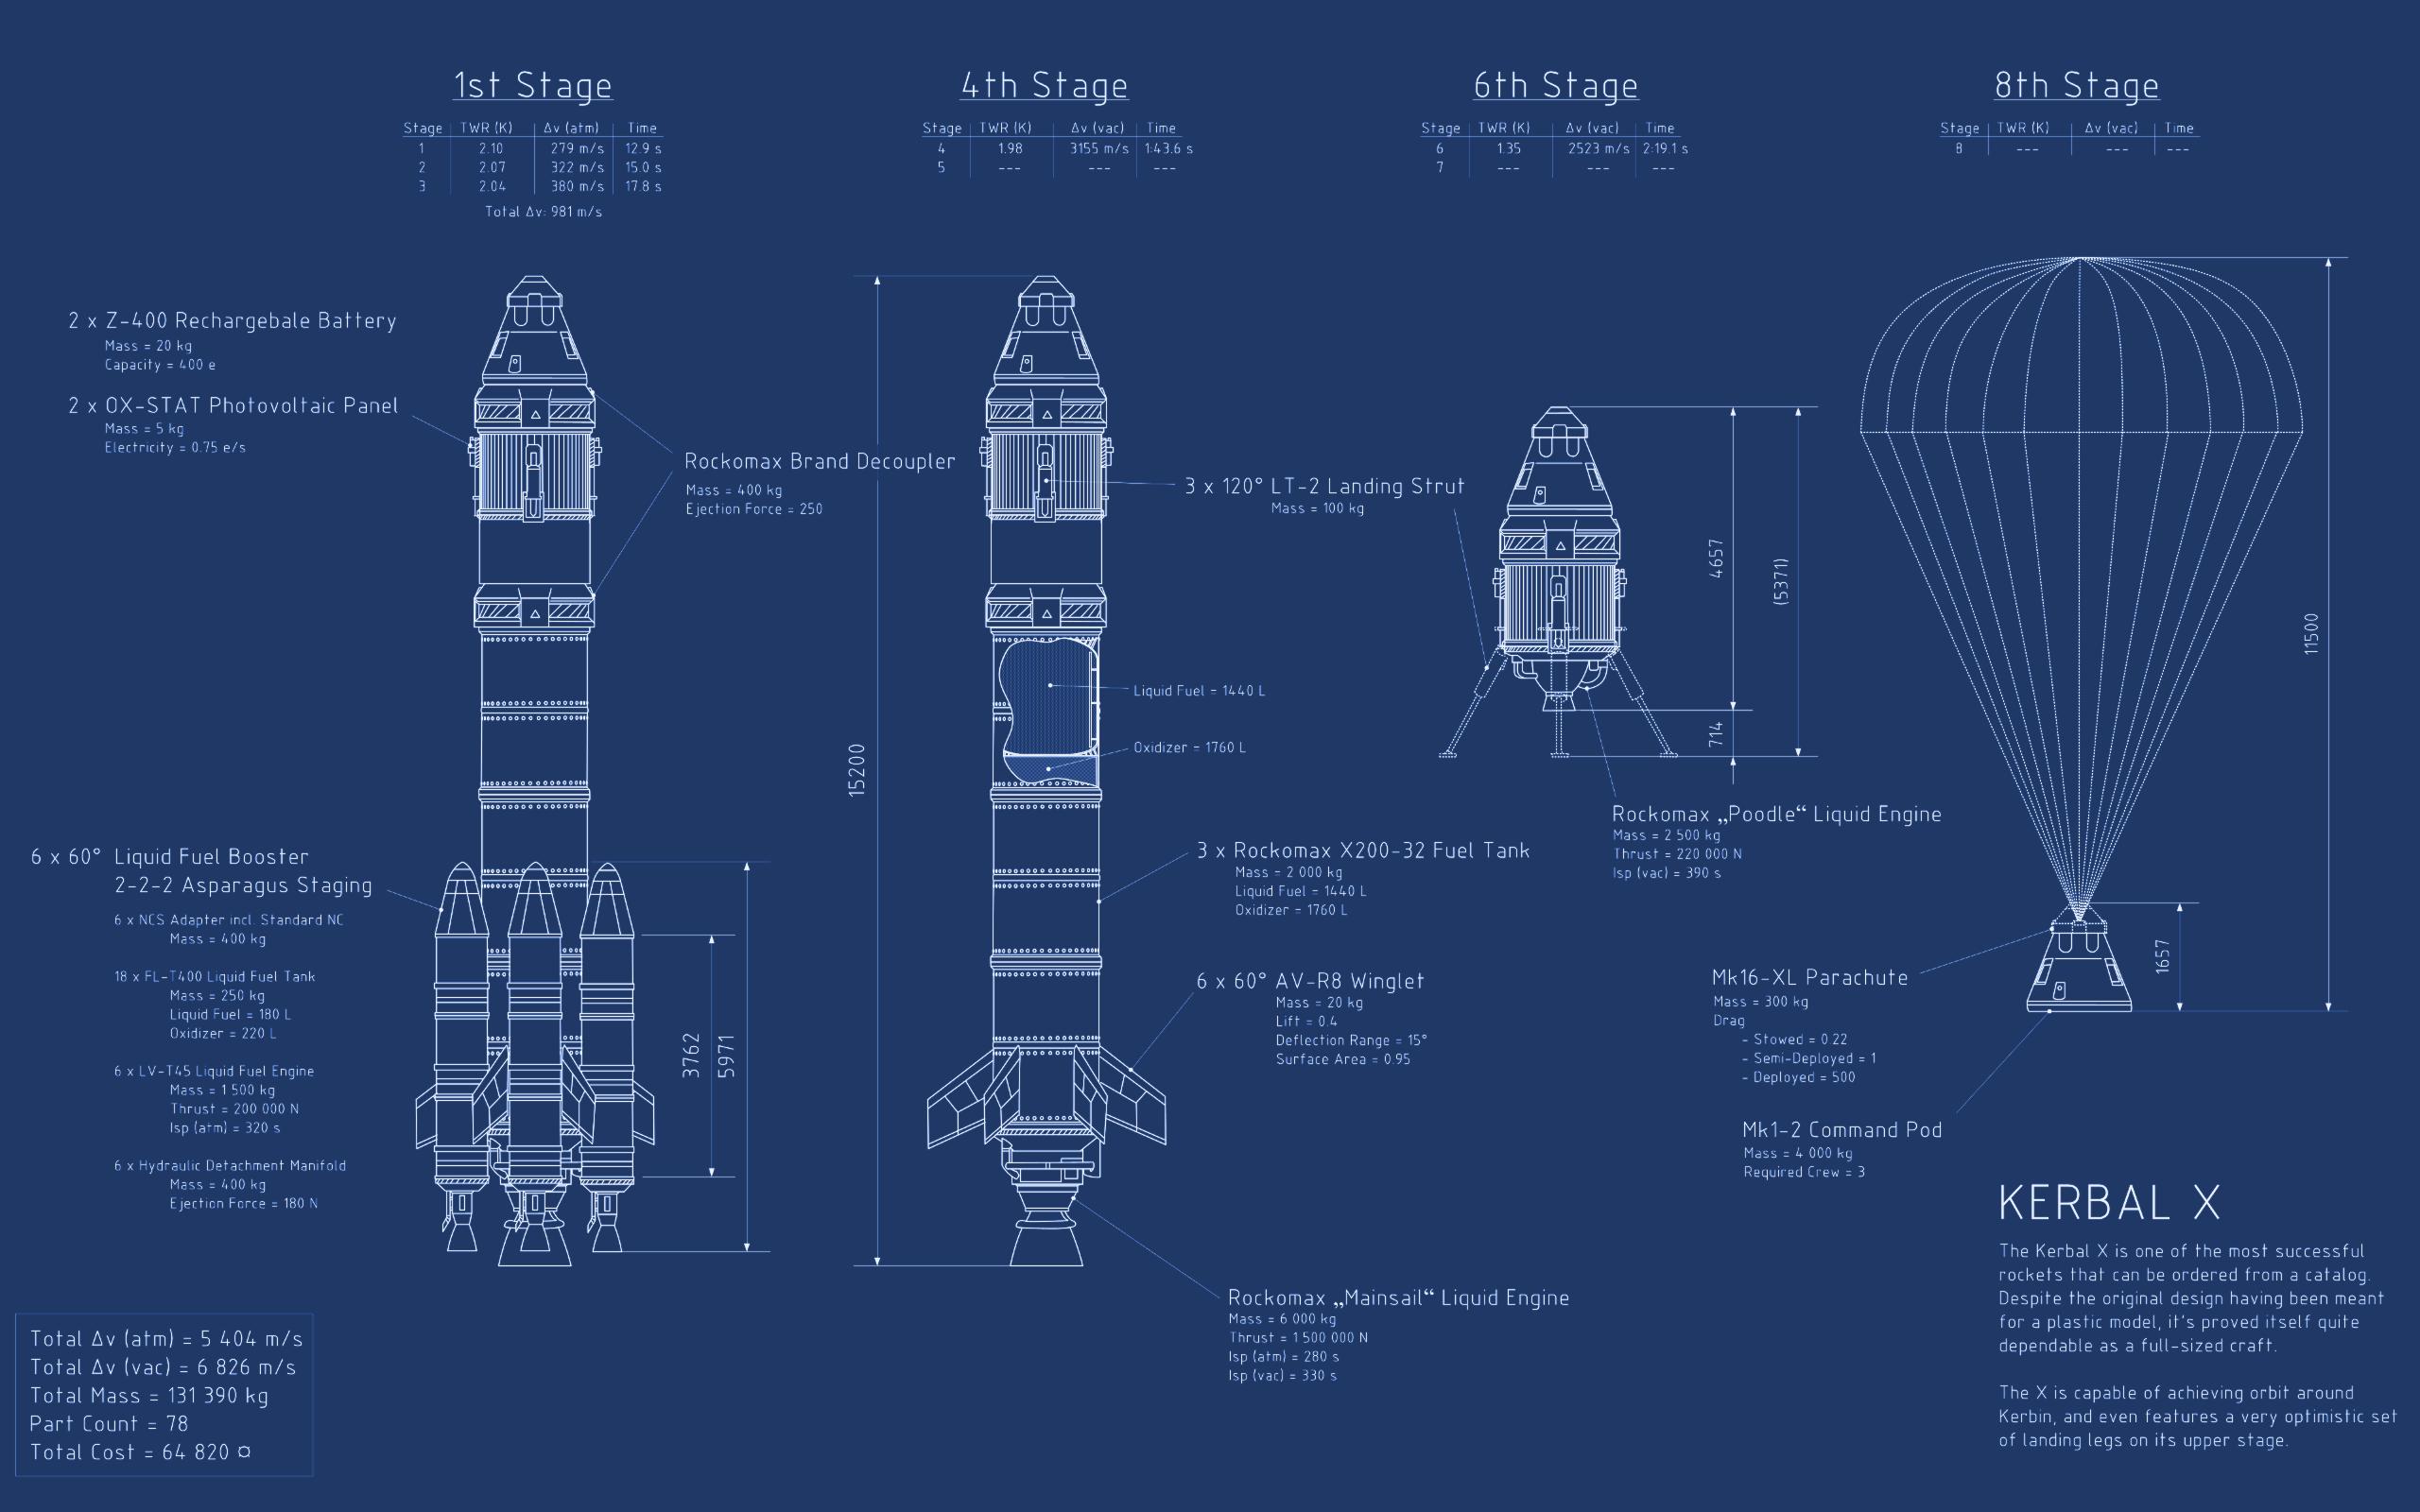 Kerbal x blueprint by smnbrnr on deviantart kerbal x blueprint by smnbrnr kerbal x blueprint by smnbrnr malvernweather Images